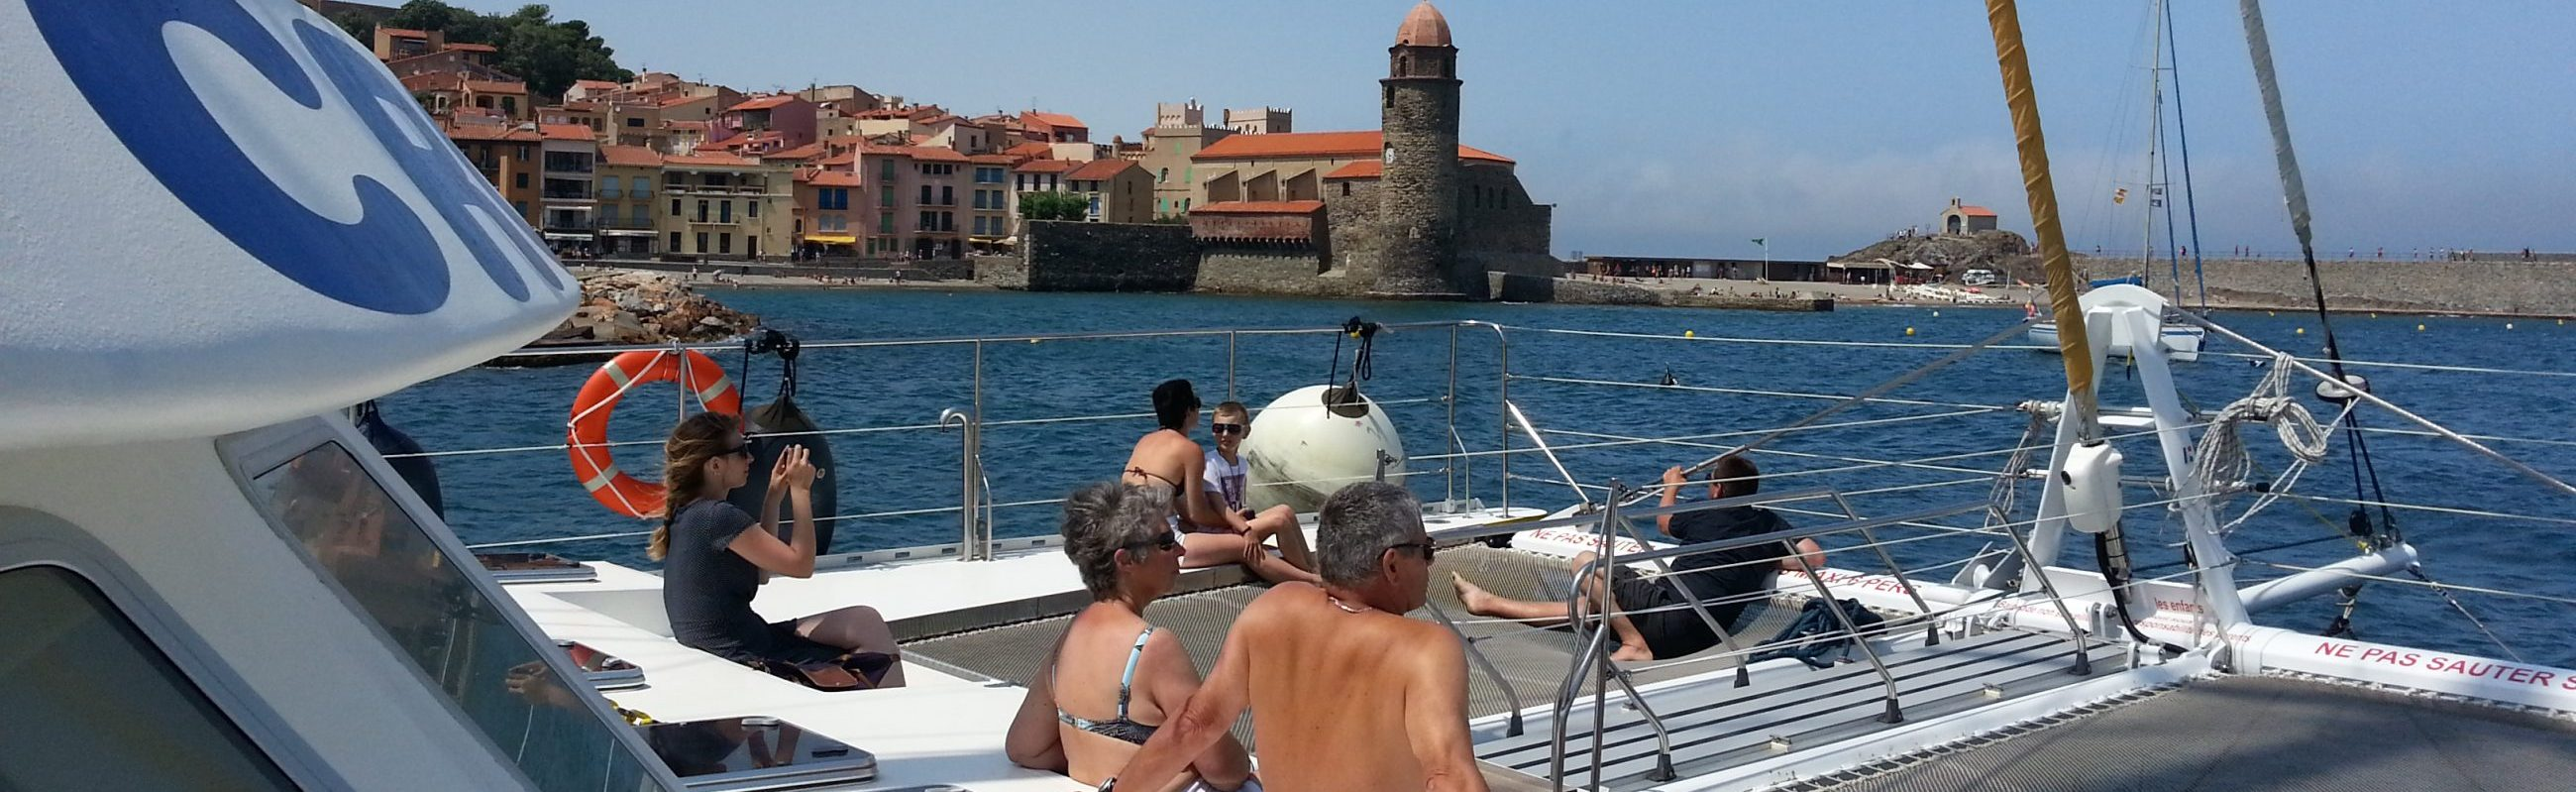 catamaran navivoile croisiere littoral au depart de canet en roussillon